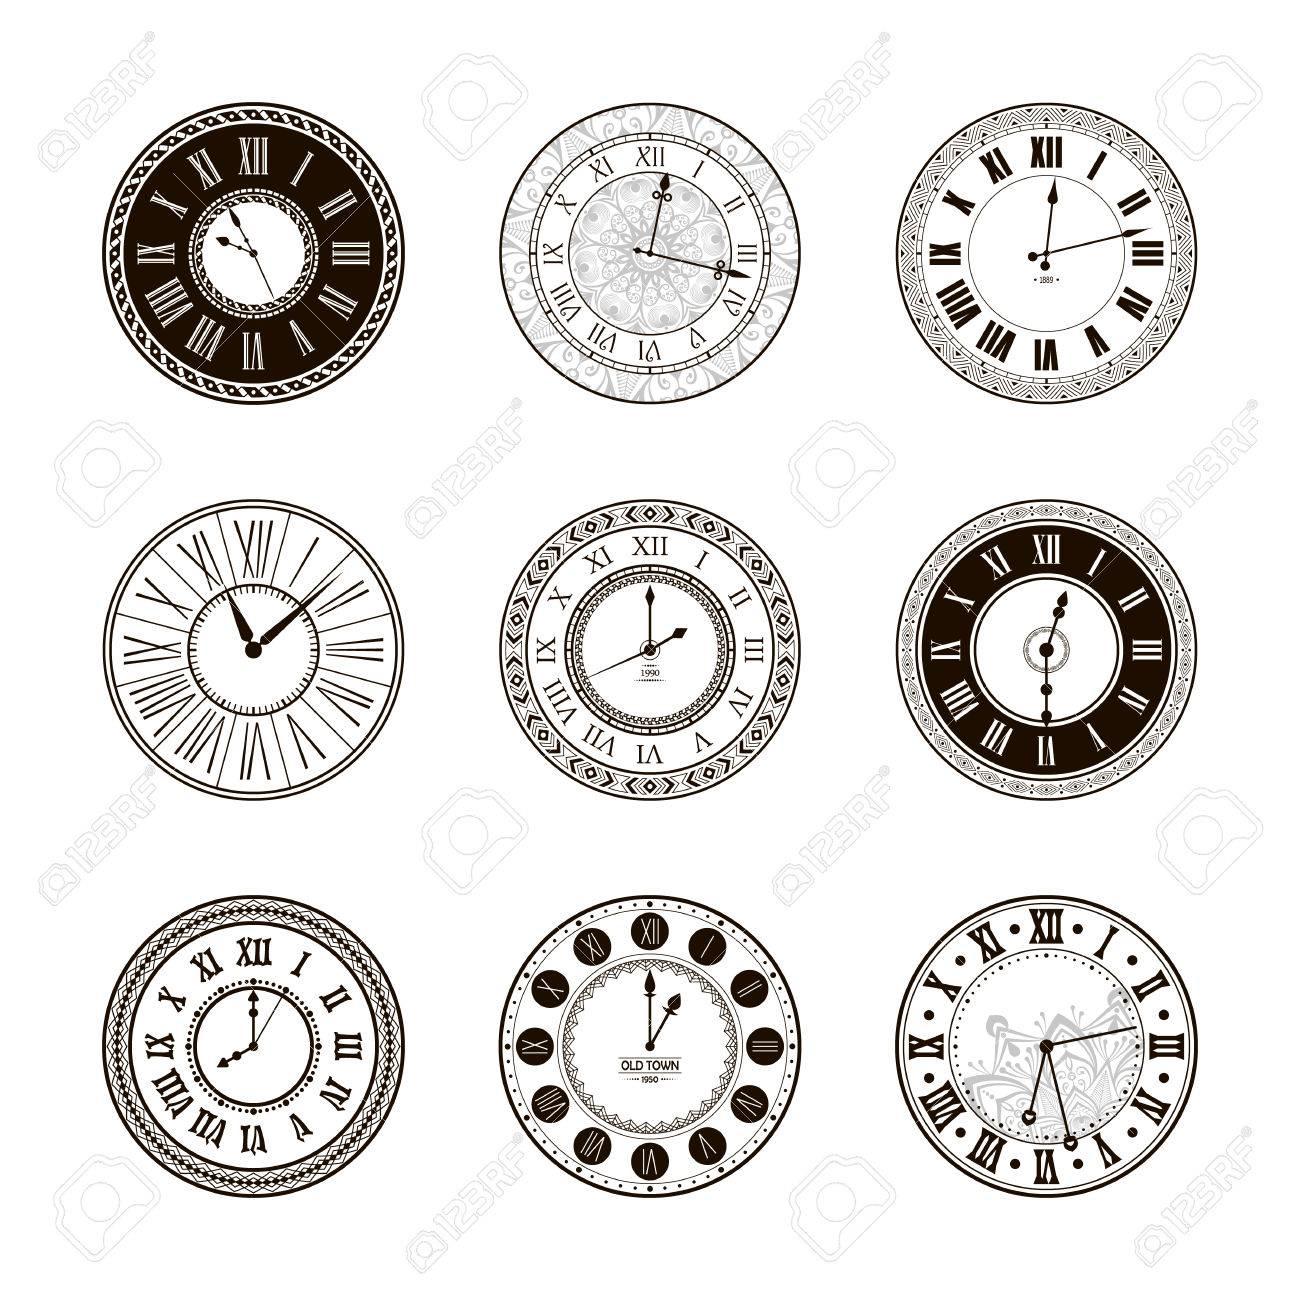 Vector reloj de época diales. aislado antiguo reloj clásico. diseño retro temporizador antigua. silueta tradicional. diseño gráfico objeto de